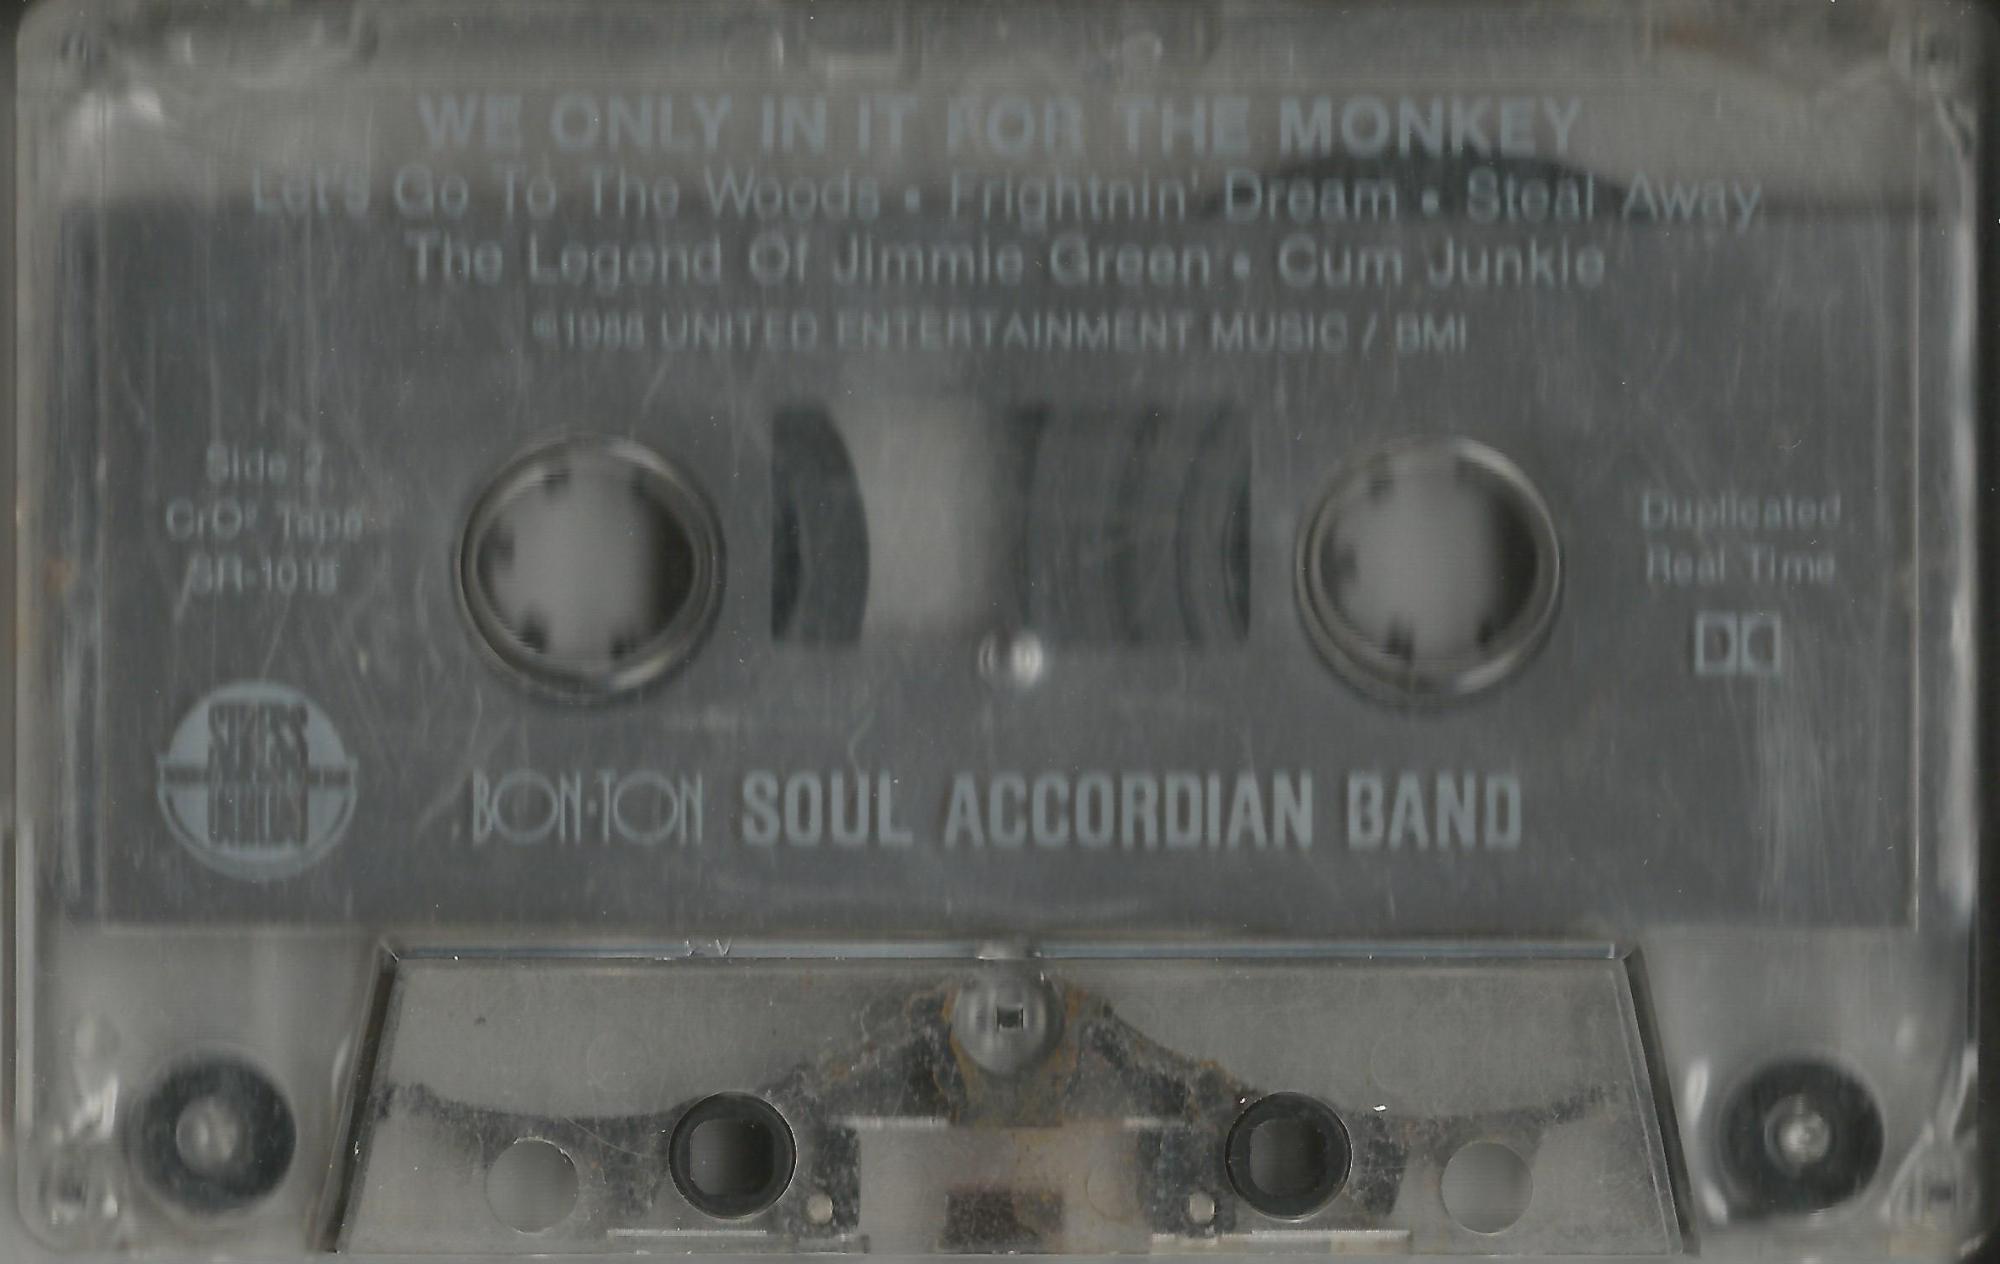 Bon Ton Soul Accordion Band Music